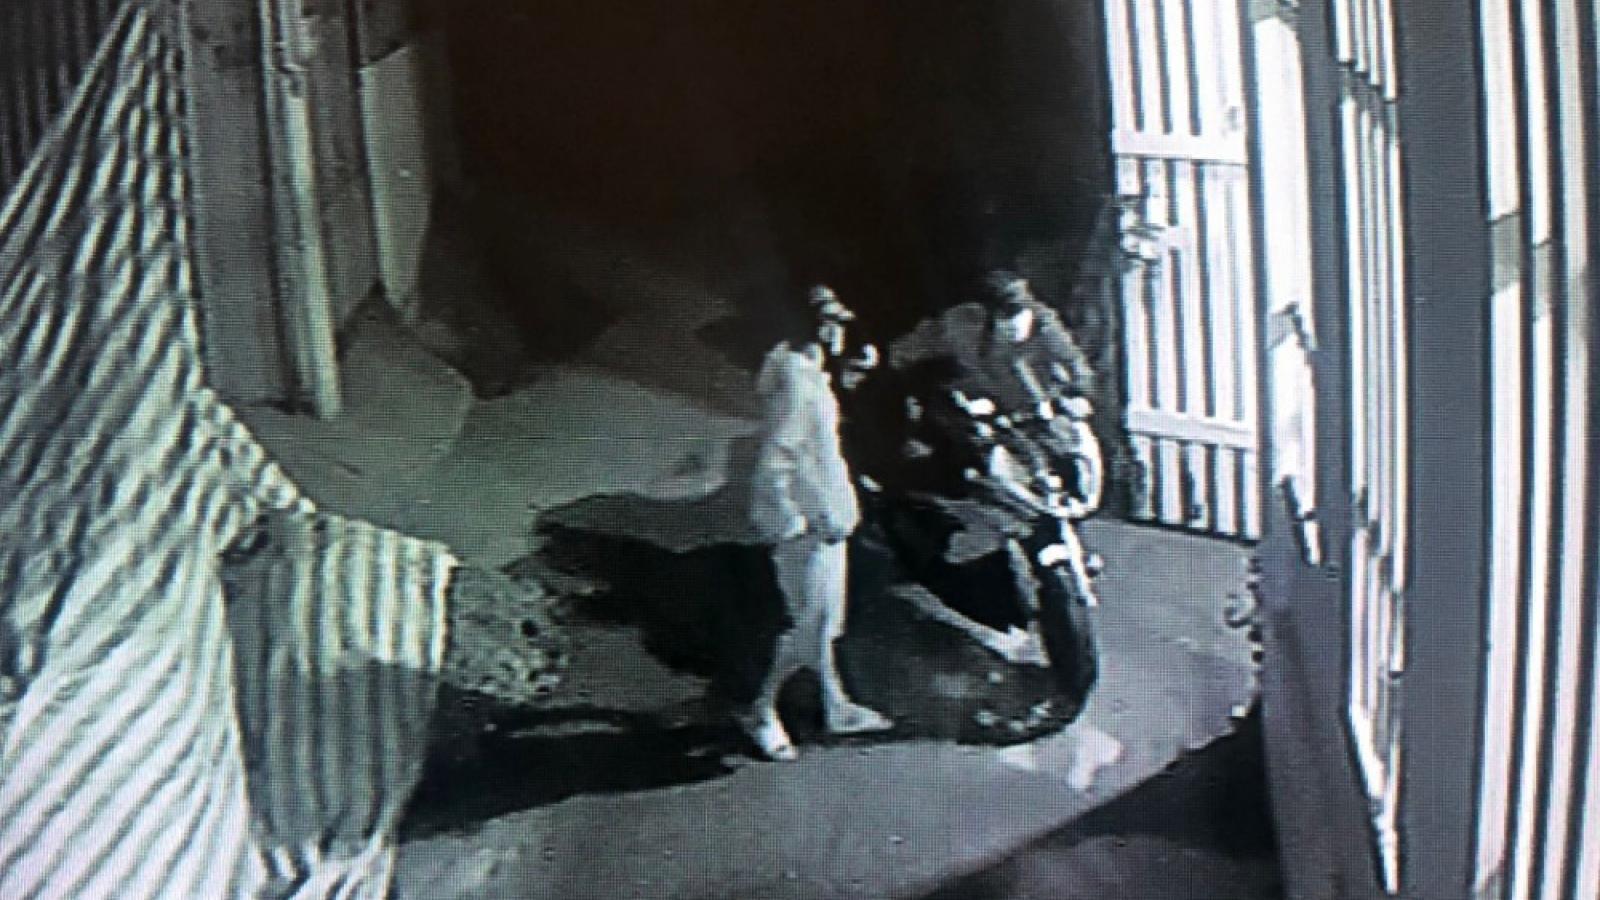 Mất 2 xe máy ngay trong trụ sở công an phường